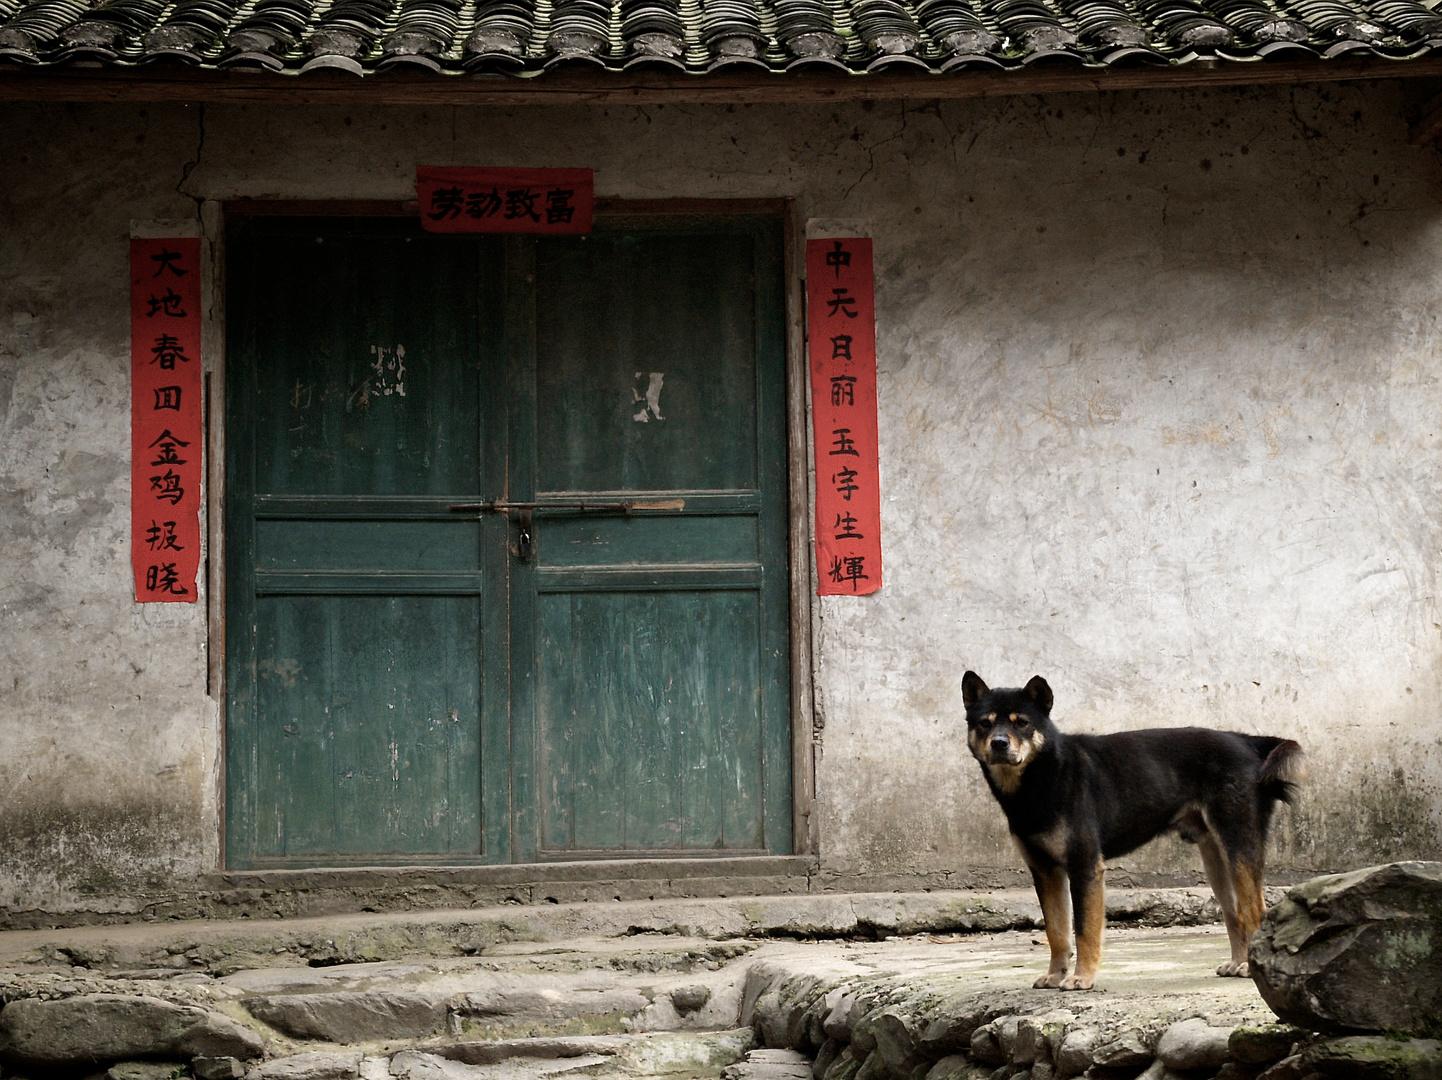 Hund in einem chinesischen Dorf